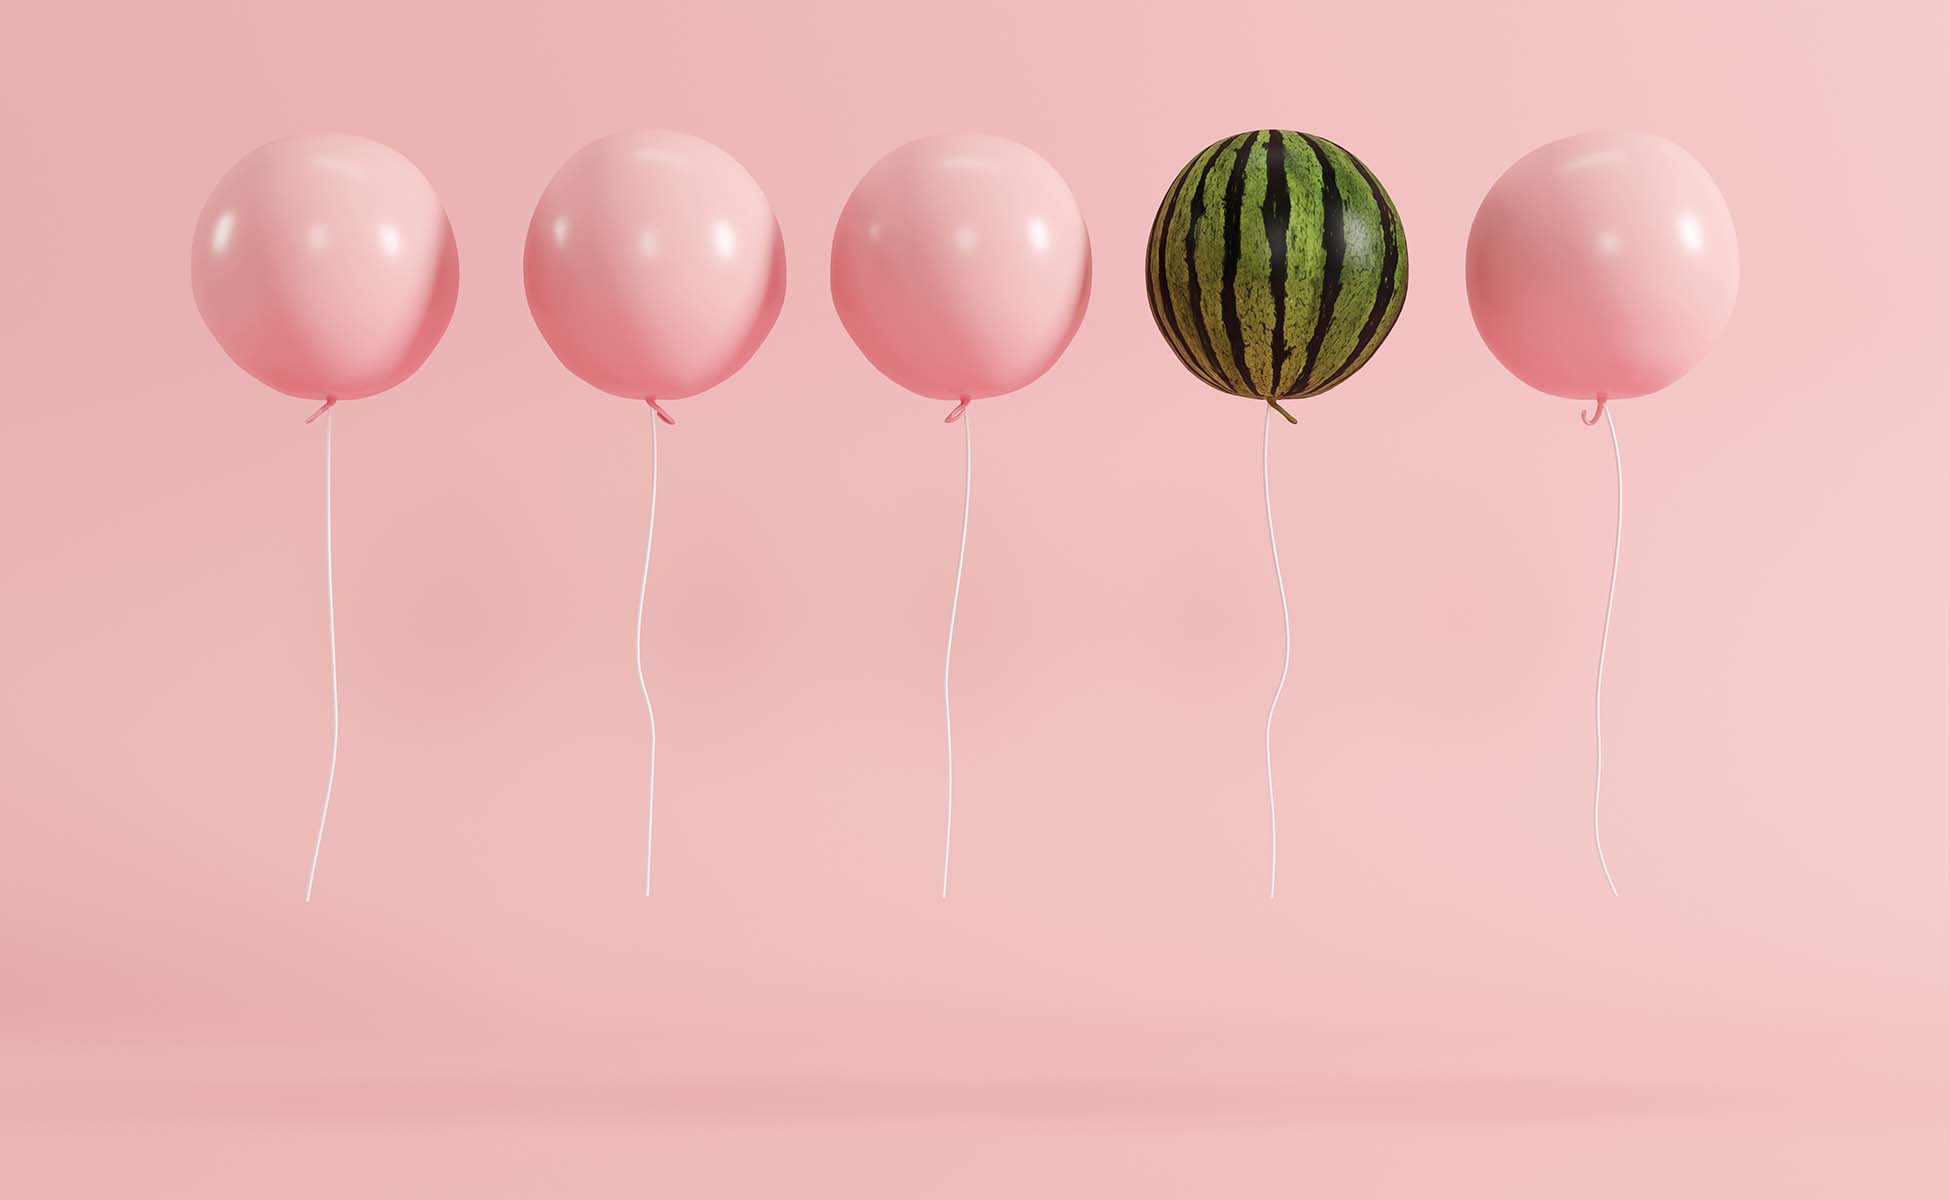 4 lyserøde balloner samt en der forestiller en vandmelon, alle med helium